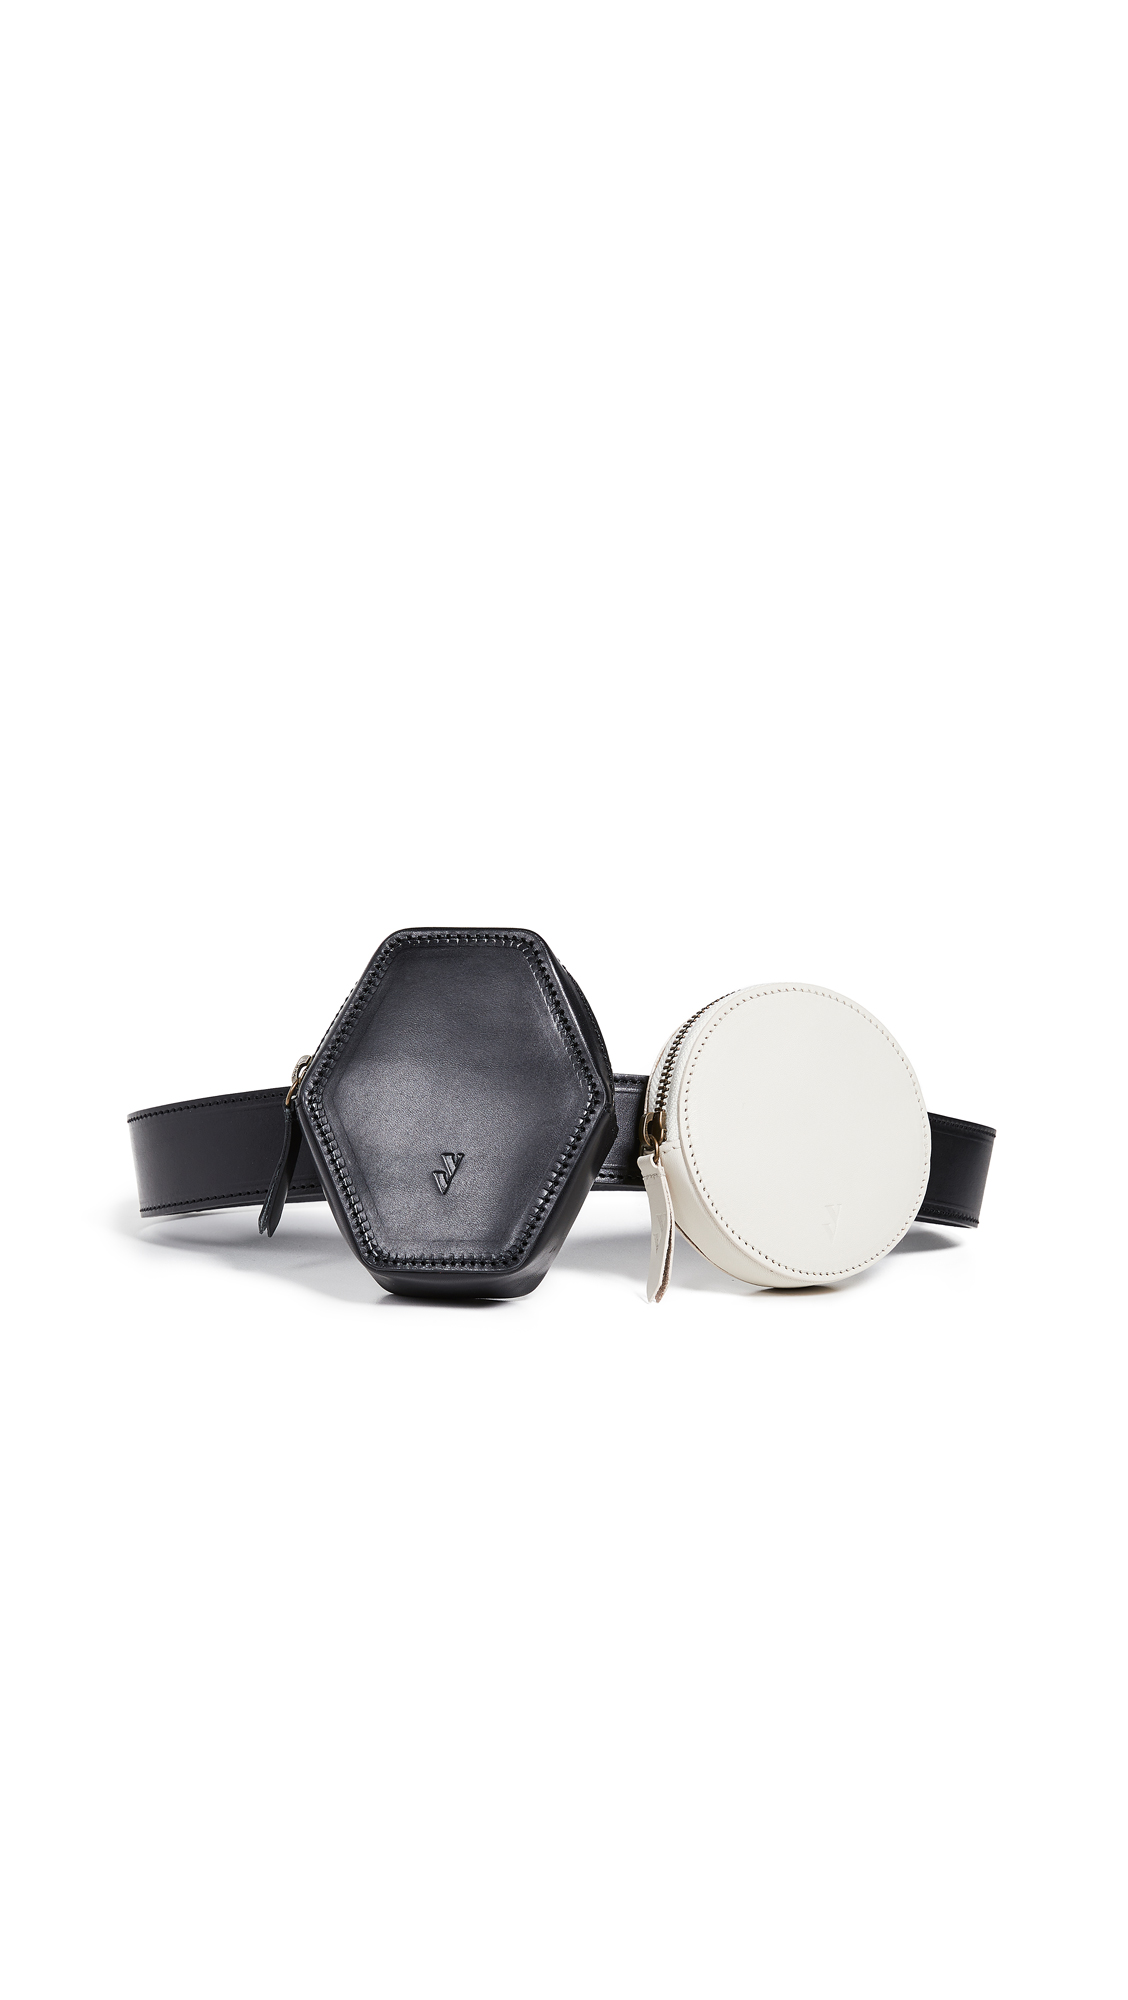 VEREVERTO Deco Deconstruct Belt Bag in Black/White